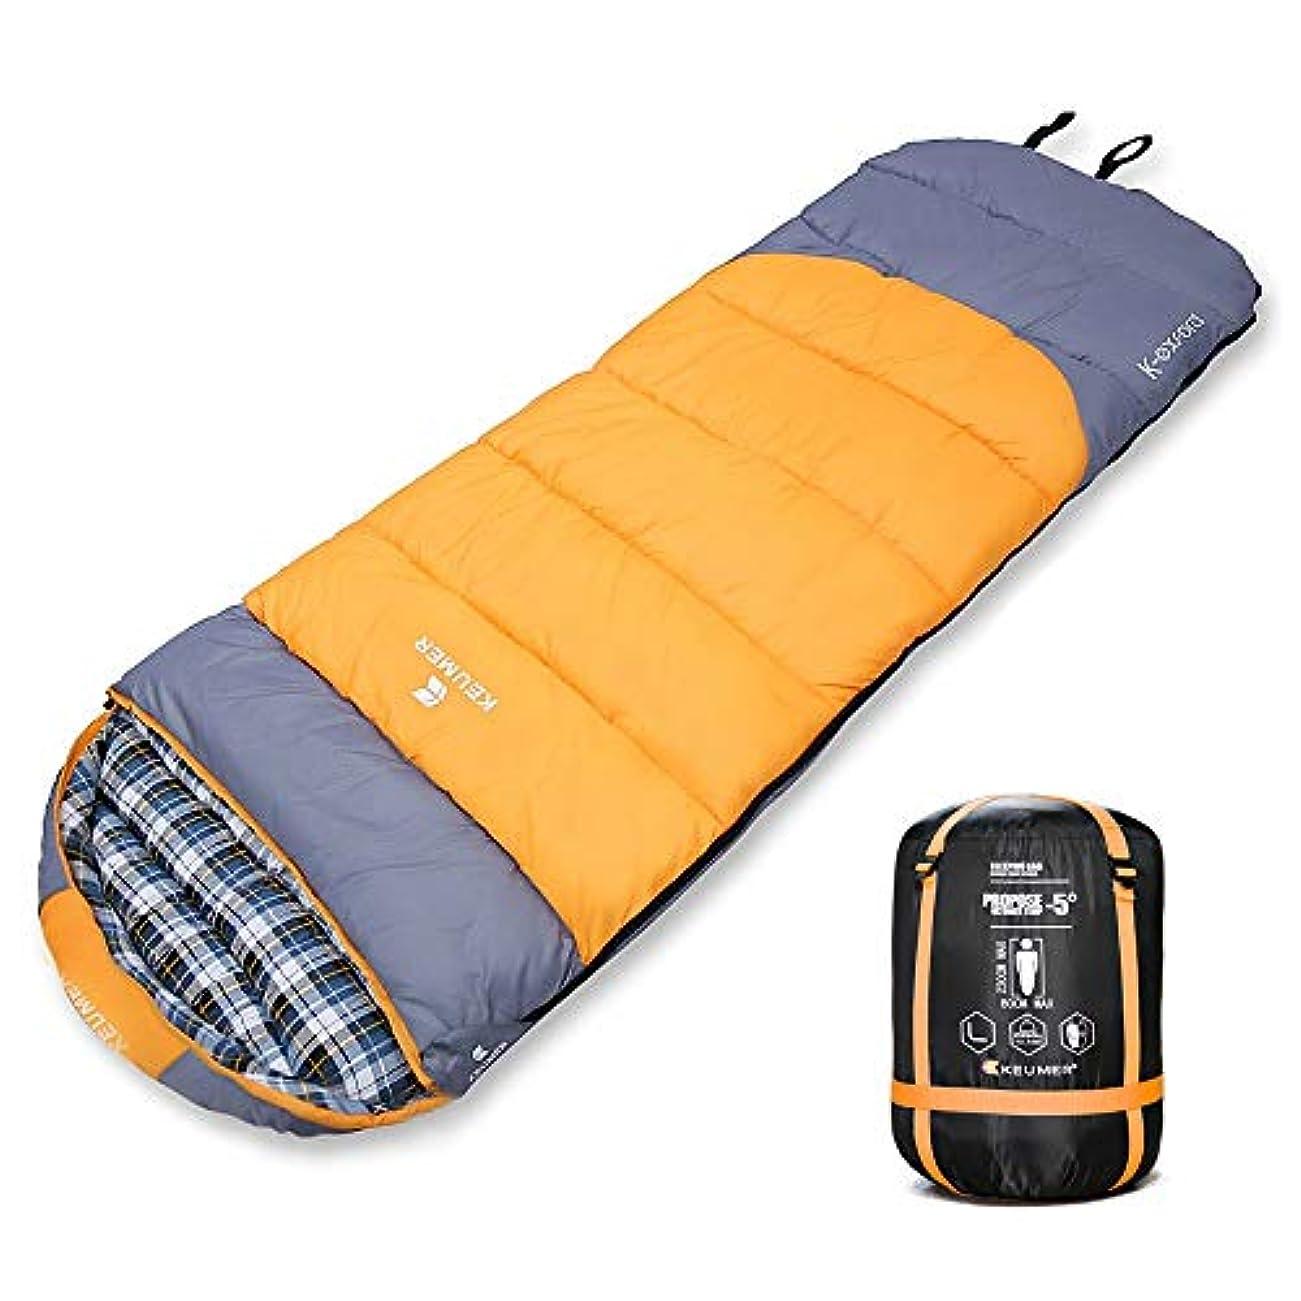 つぶやき遺伝的信頼できるZOMAKE寝袋 シュラフ コンパクト スリーピングバッグ 軽量 封筒型 収納袋付き 最低使用温度-6度 登山 車中泊 防災用 災害時 避難用